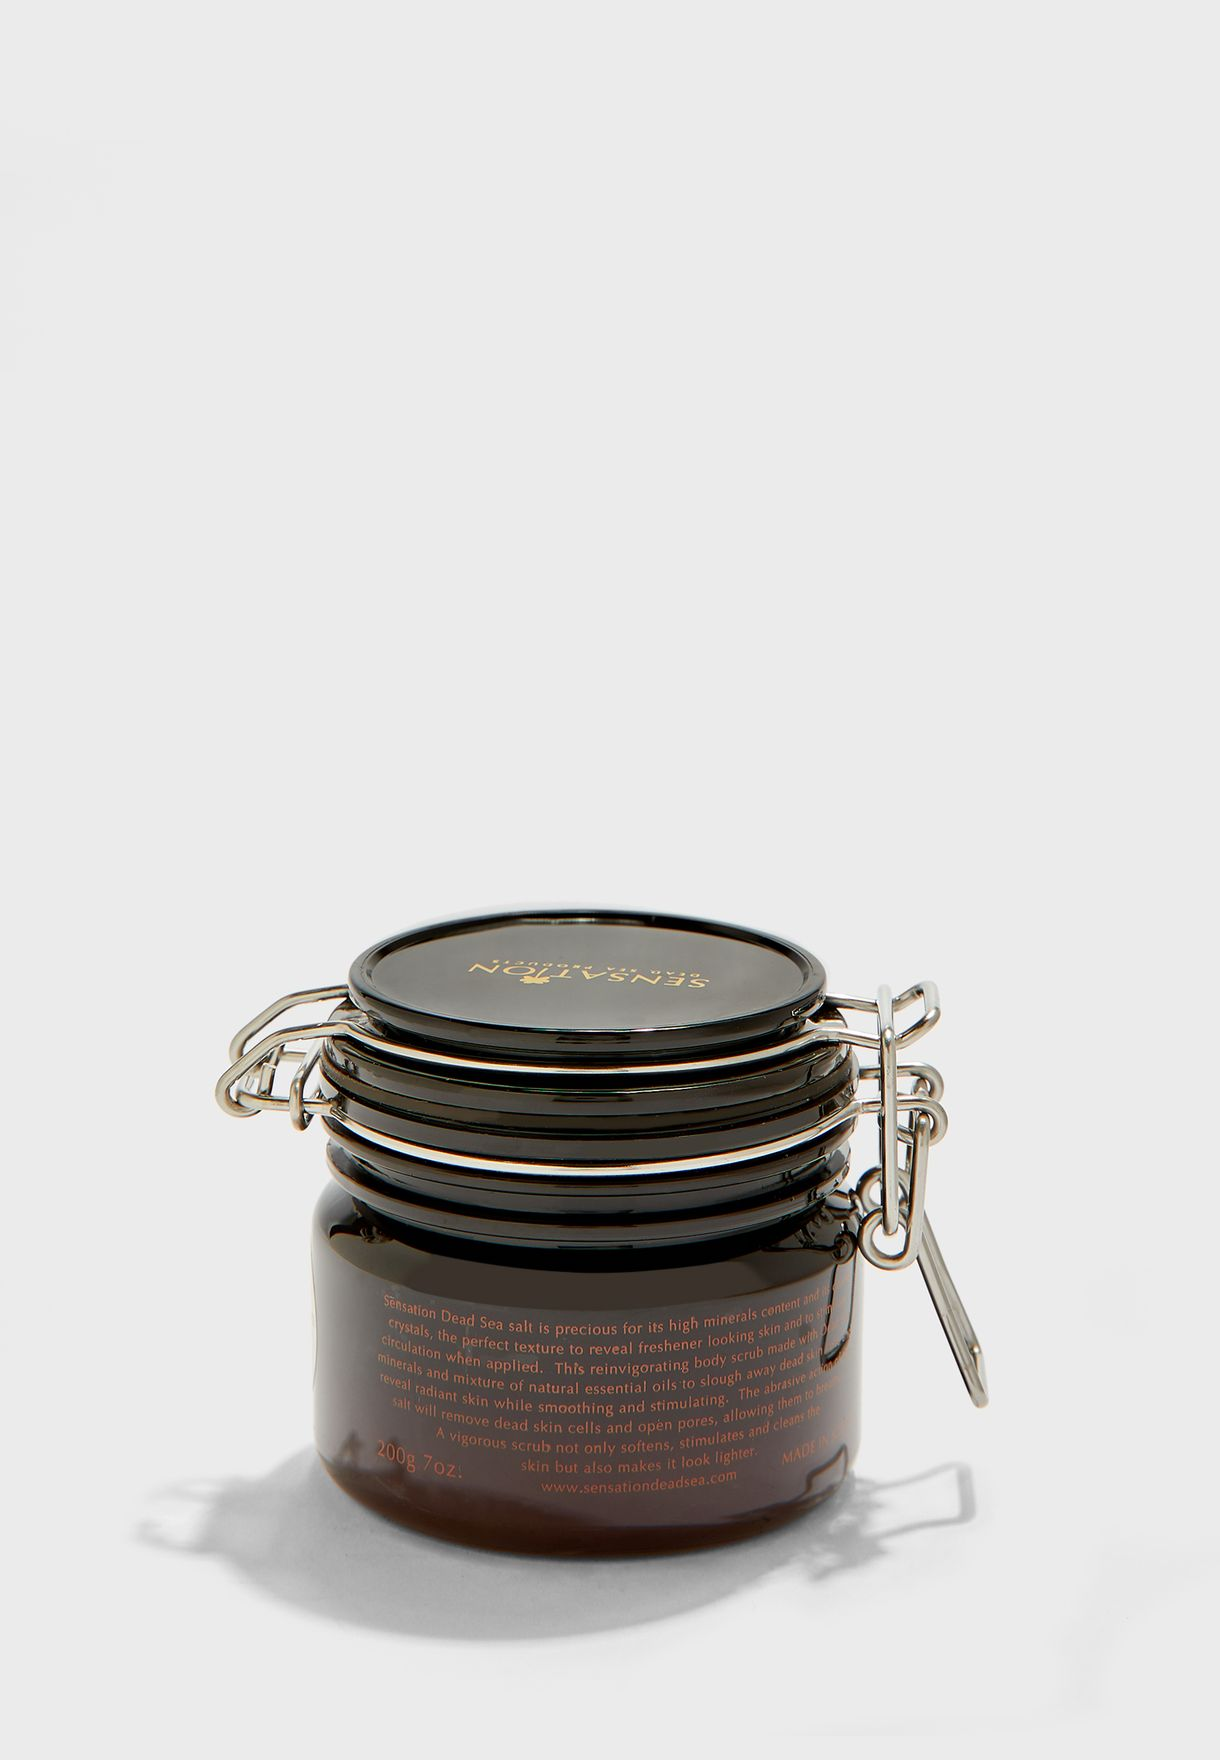 مقشر املاح البحر الميت - شاي اخضر وتفاح 200 جم